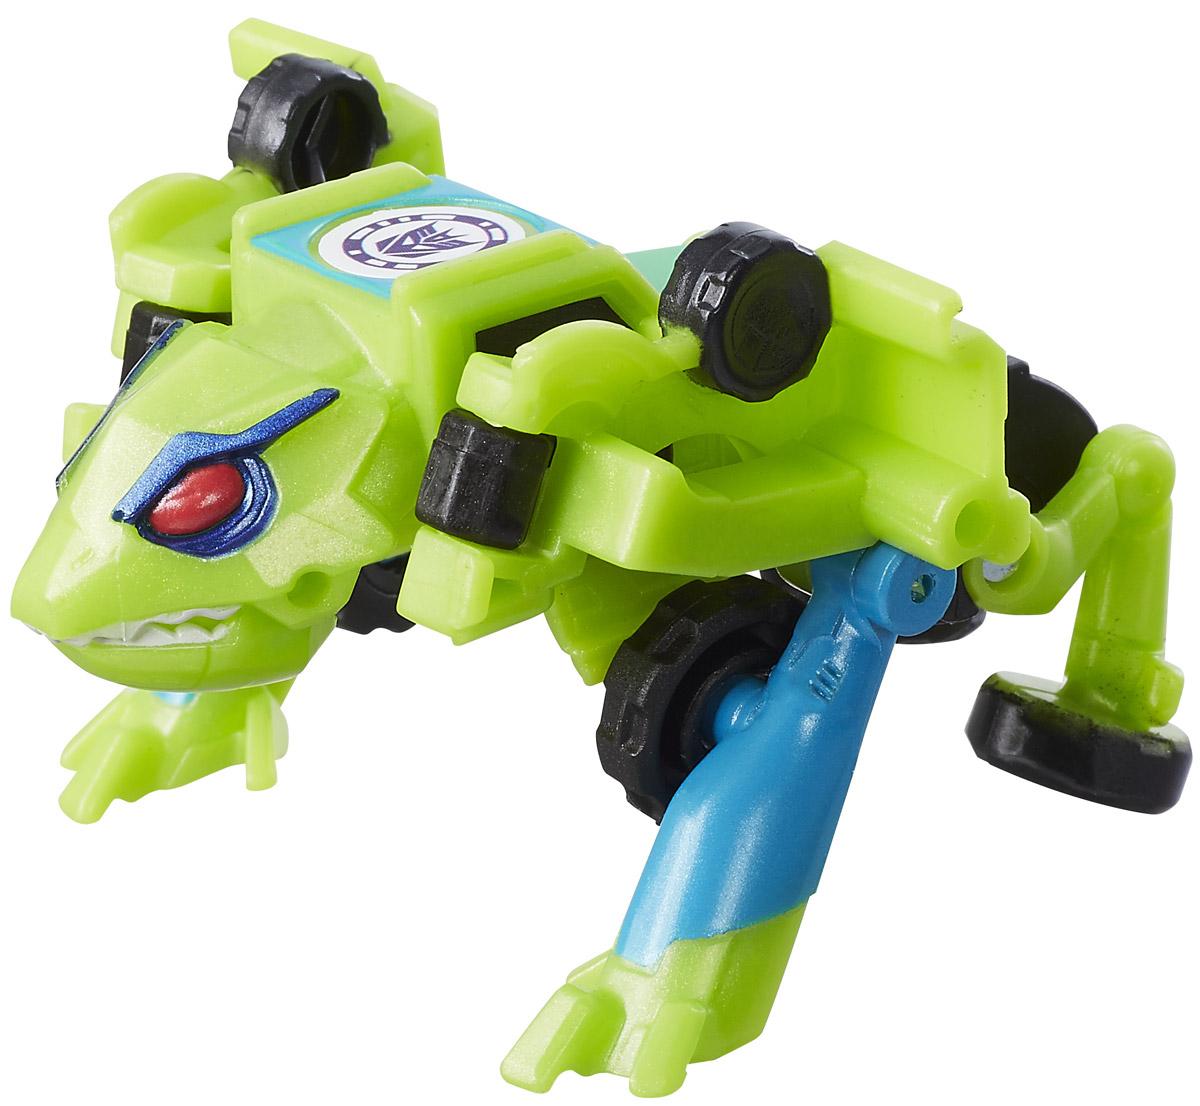 Transformers Трансформер Combiner Force Legion Springload transformers трансформер combiner force windblade